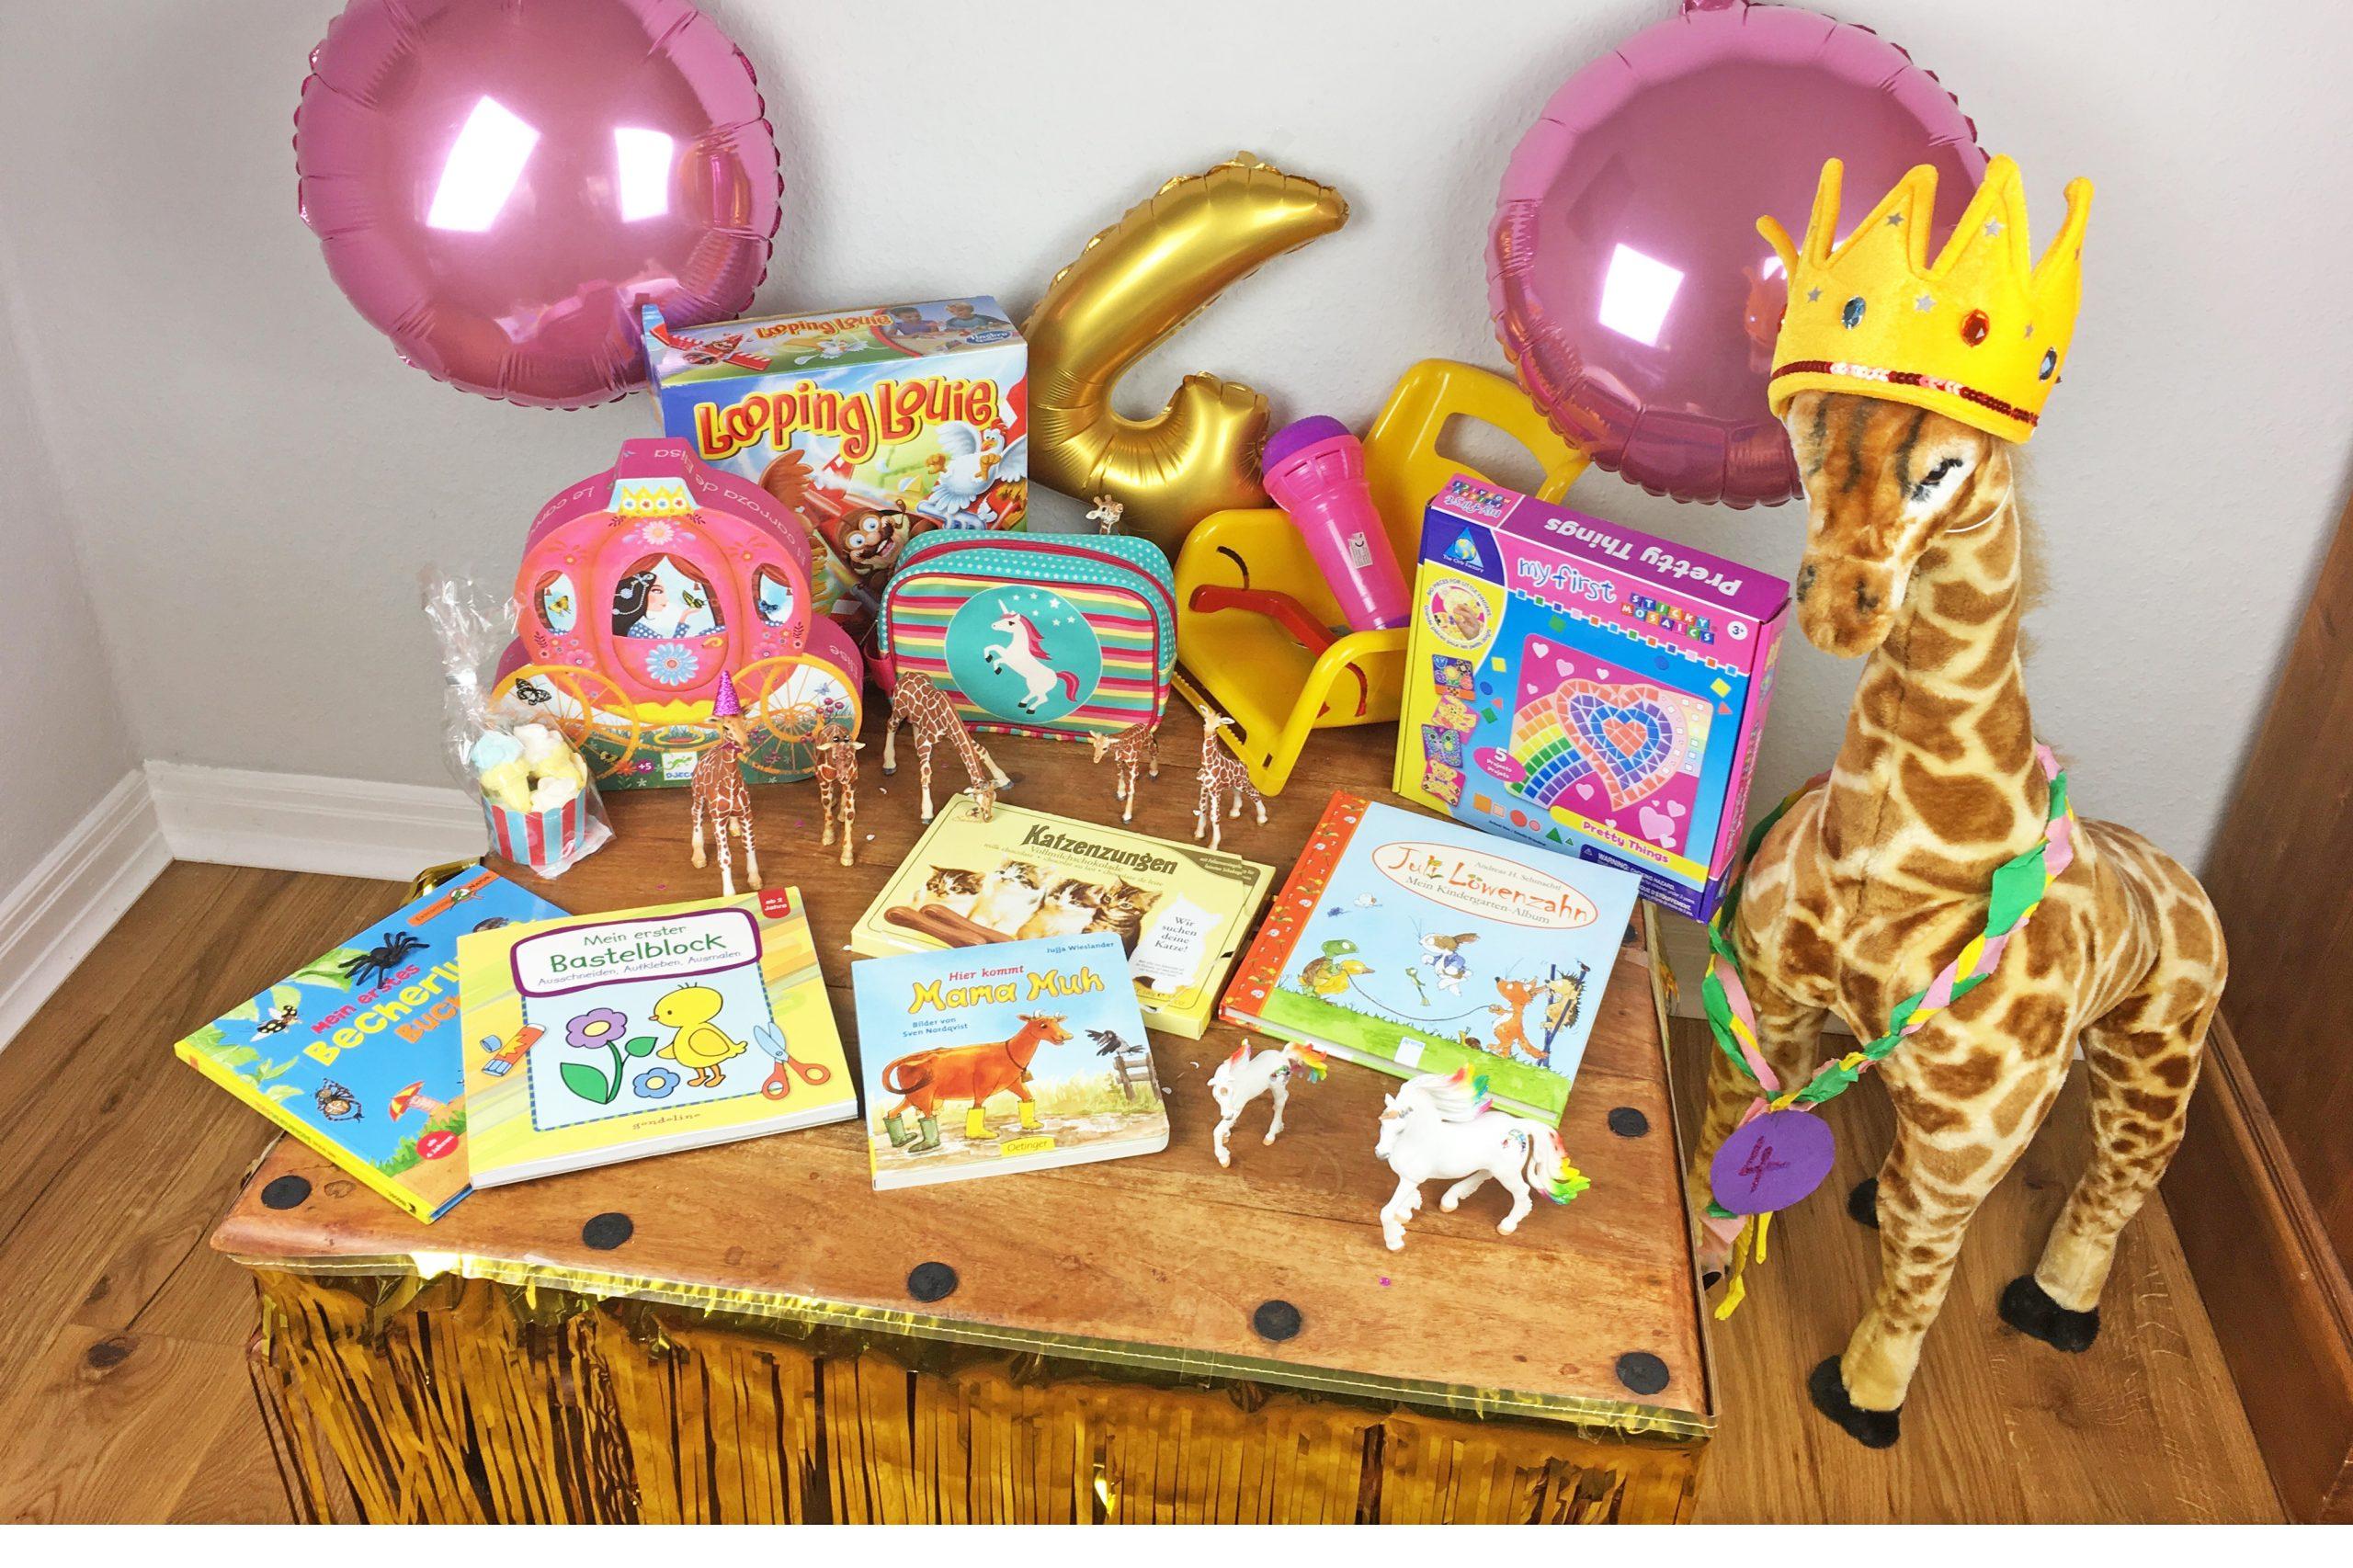 Schöne Geschenke Zum 4. Geburtstag - Mädchenmutter verwandt mit Geburtstagsgeschenk Für 4 Jähriges Mädchen